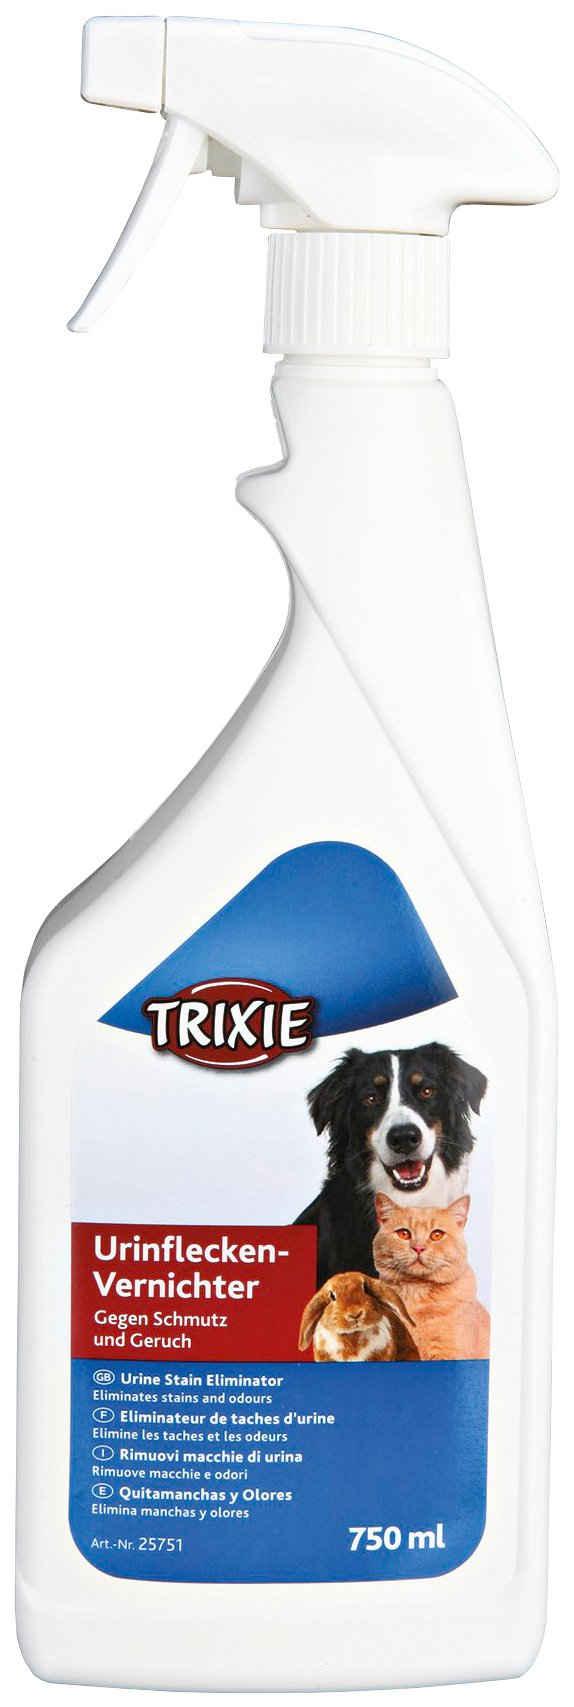 TRIXIE Fleckentferner (Urinflecken-Vernichter, 750 ml)